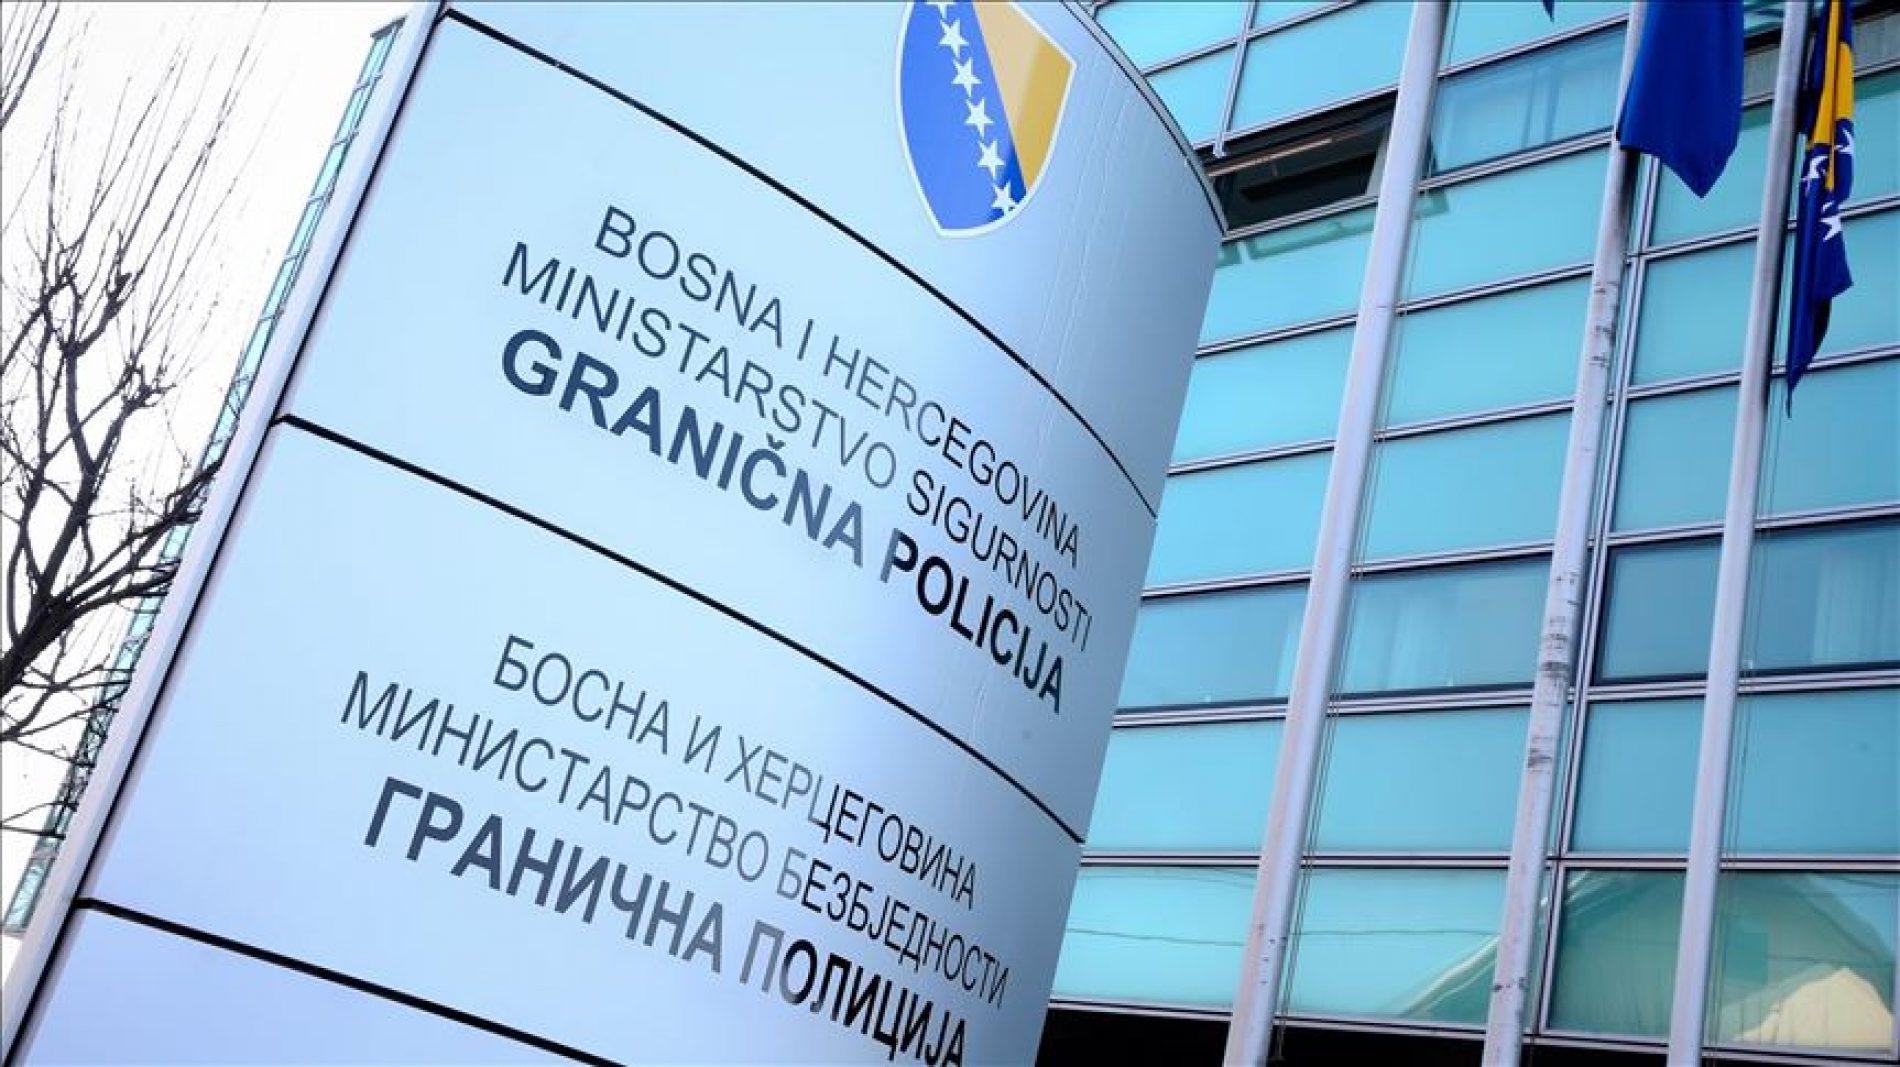 Granična policija: Zbog koruptivnih djela, slobode lišeno pet policijskih službenika